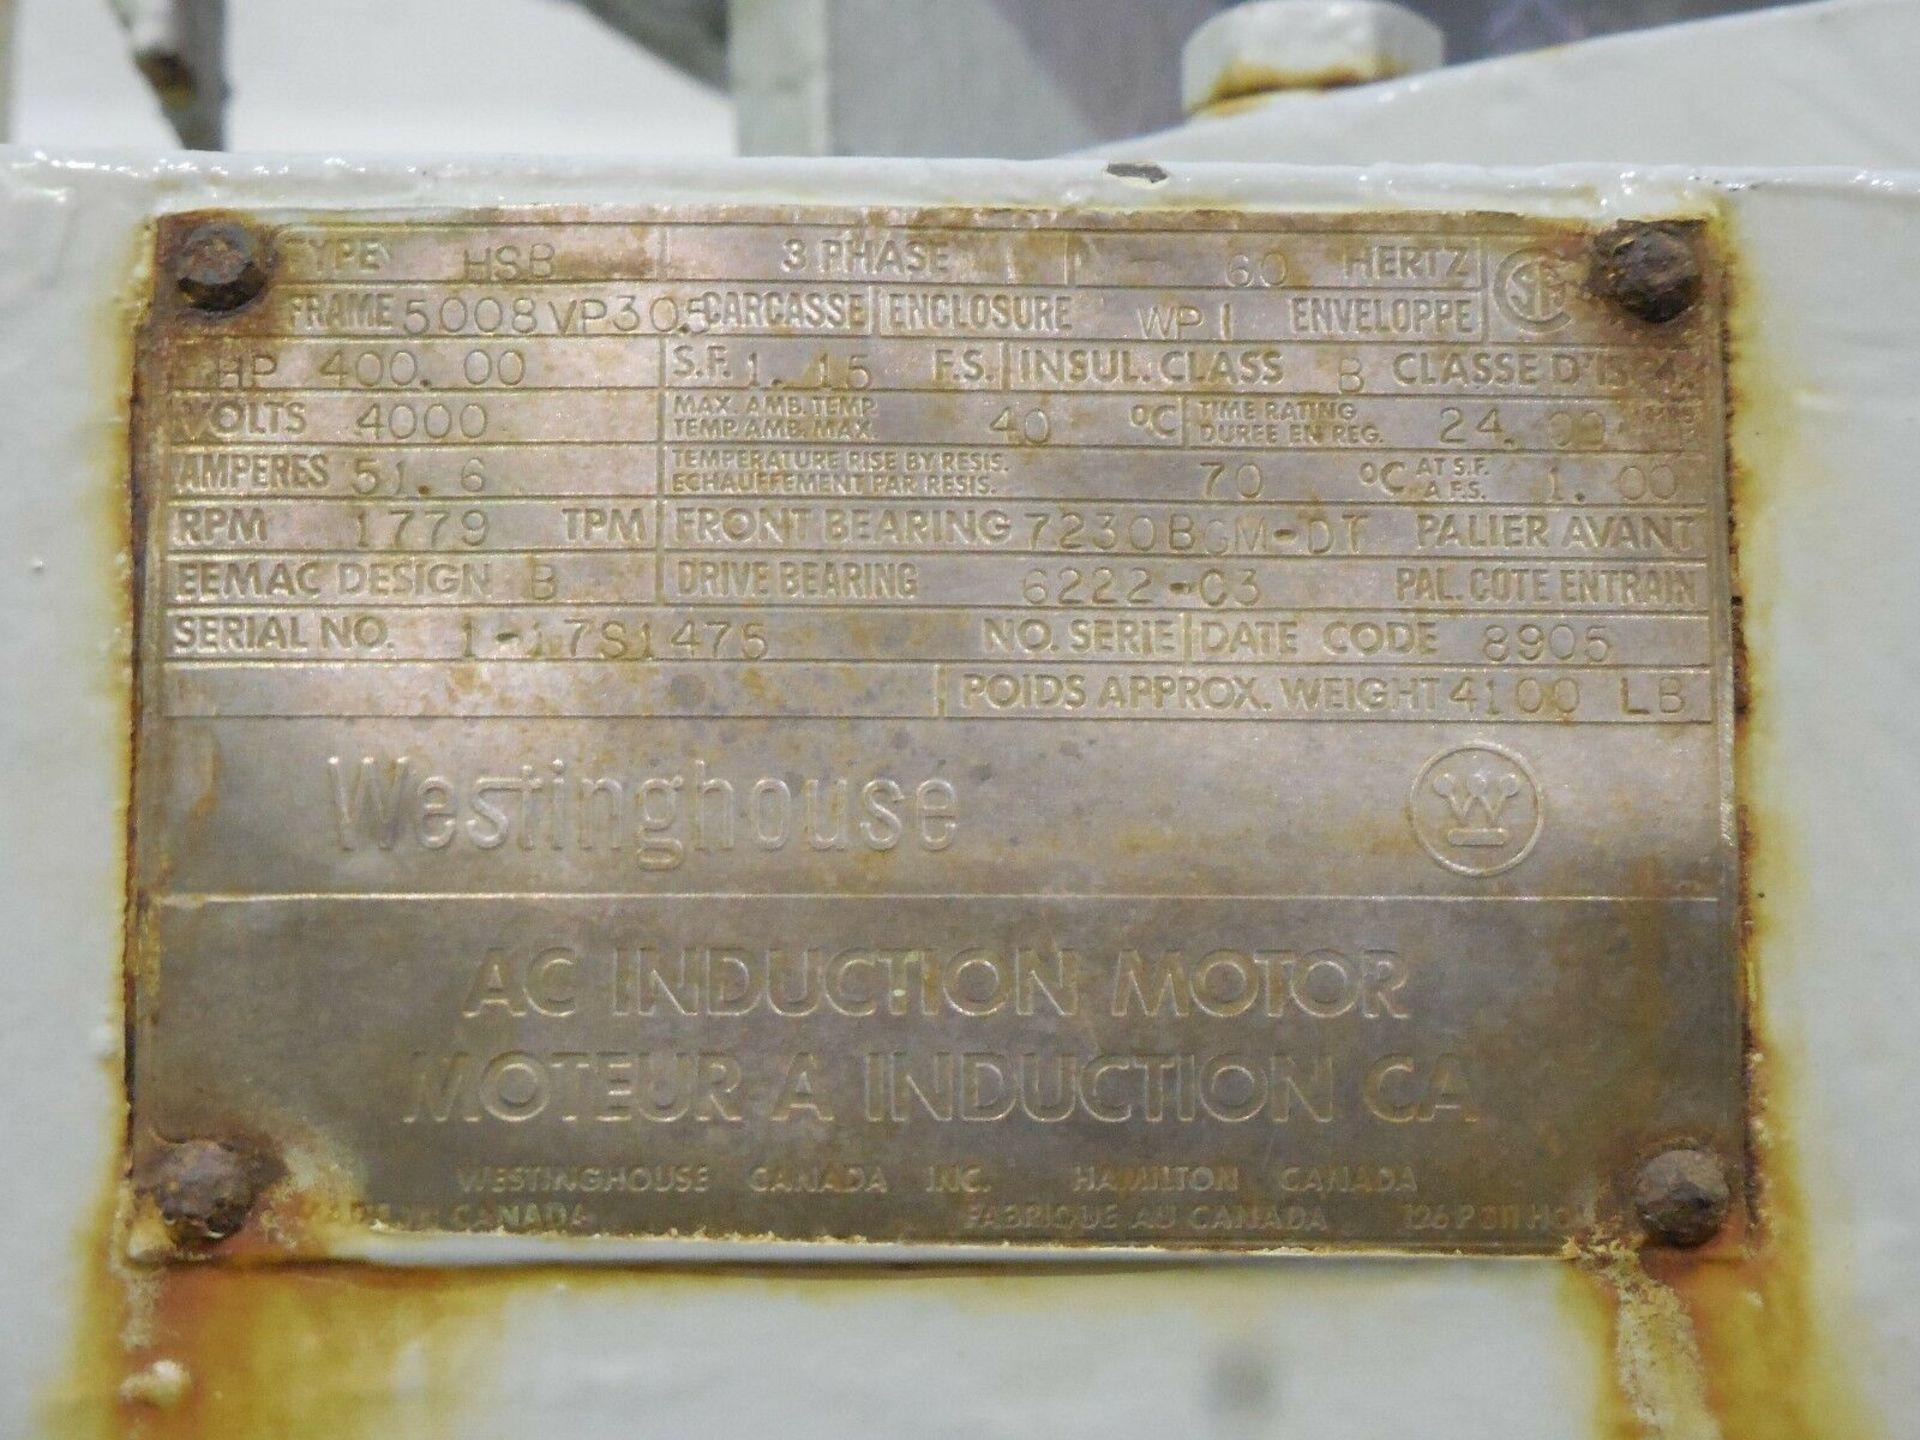 Westinghouse Vertical Motor. 400 HP. 4000 V. 1779 RPM. HSB. 3 Ph. 60 Hz. 5008VP305. - Image 4 of 4